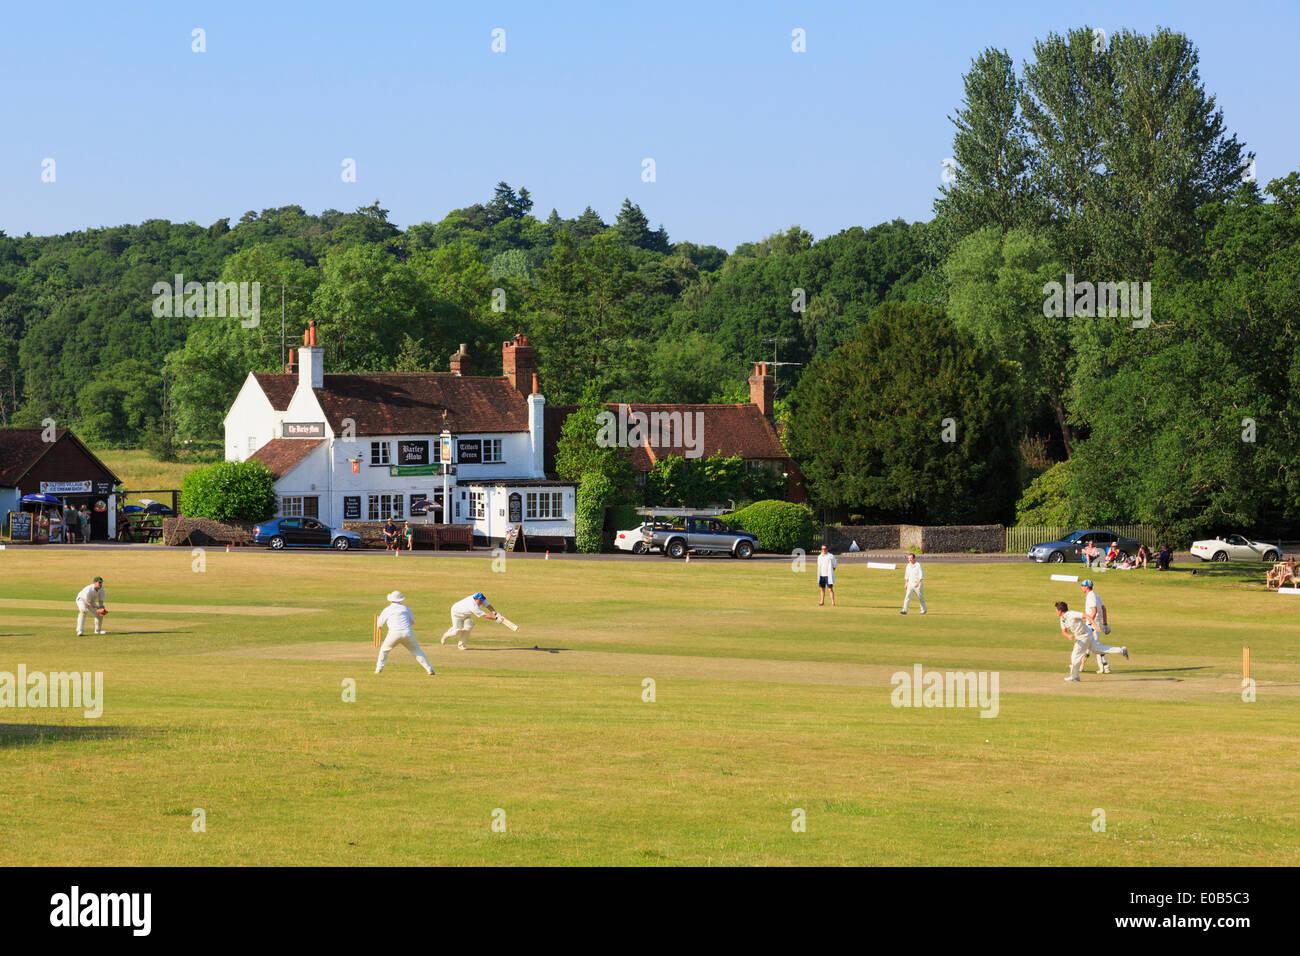 Los equipos locales jugando un partido de cricket en la aldea verde delante de cebada Mow pub en una tarde de verano. Tilford Surrey, Inglaterra Imagen De Stock